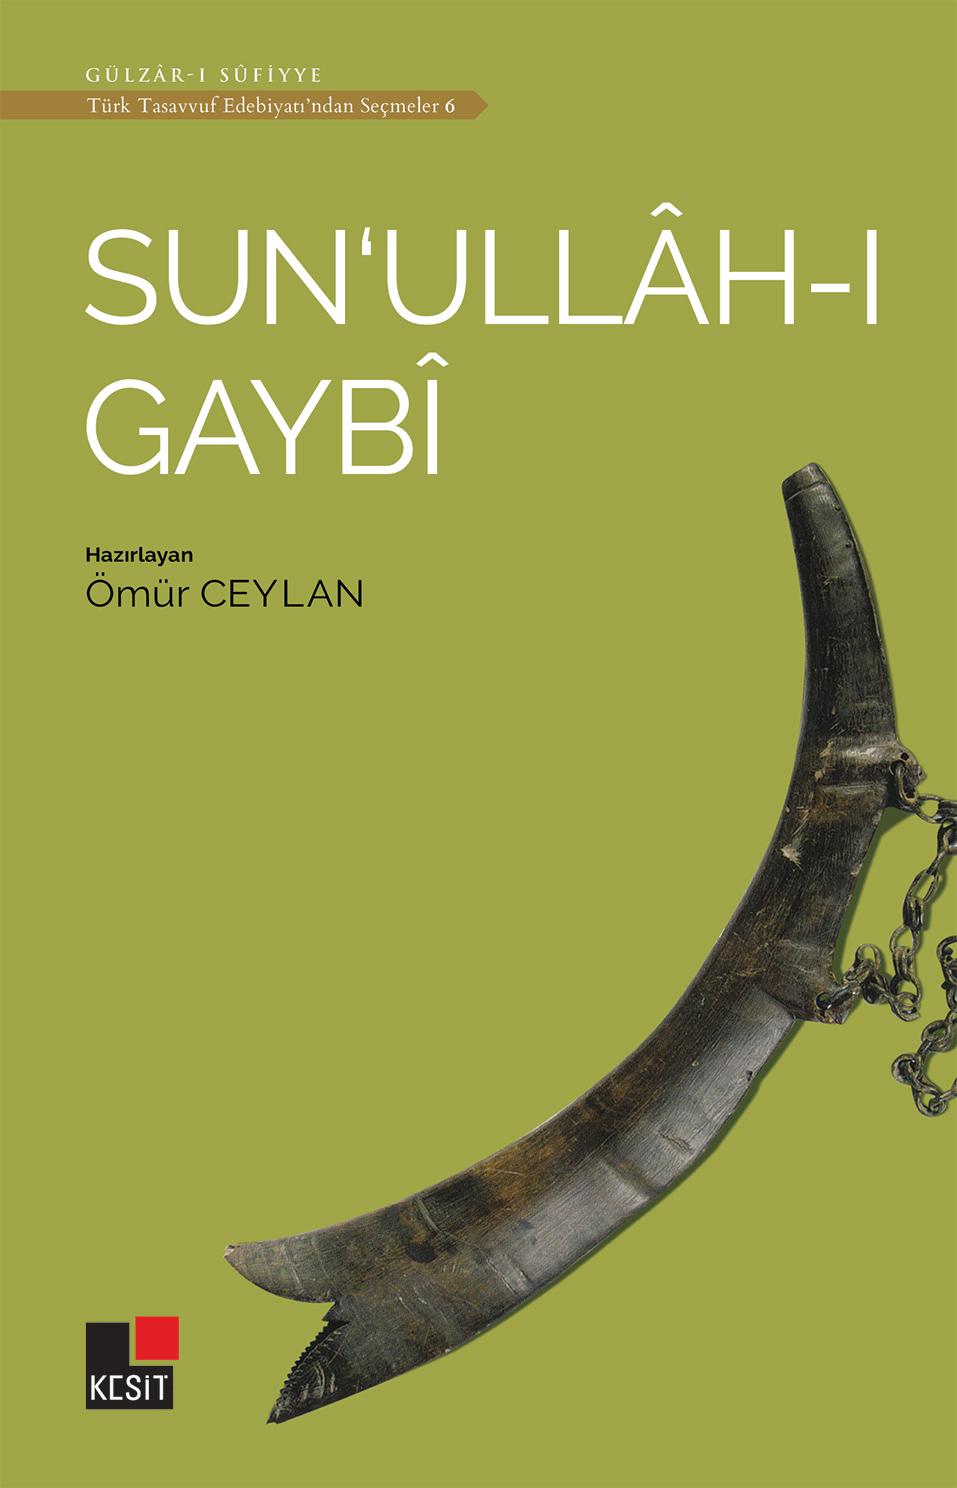 Sun'ullâh-ı Gaybî / Türk tasavvuf edebiyatından seçmeler 6